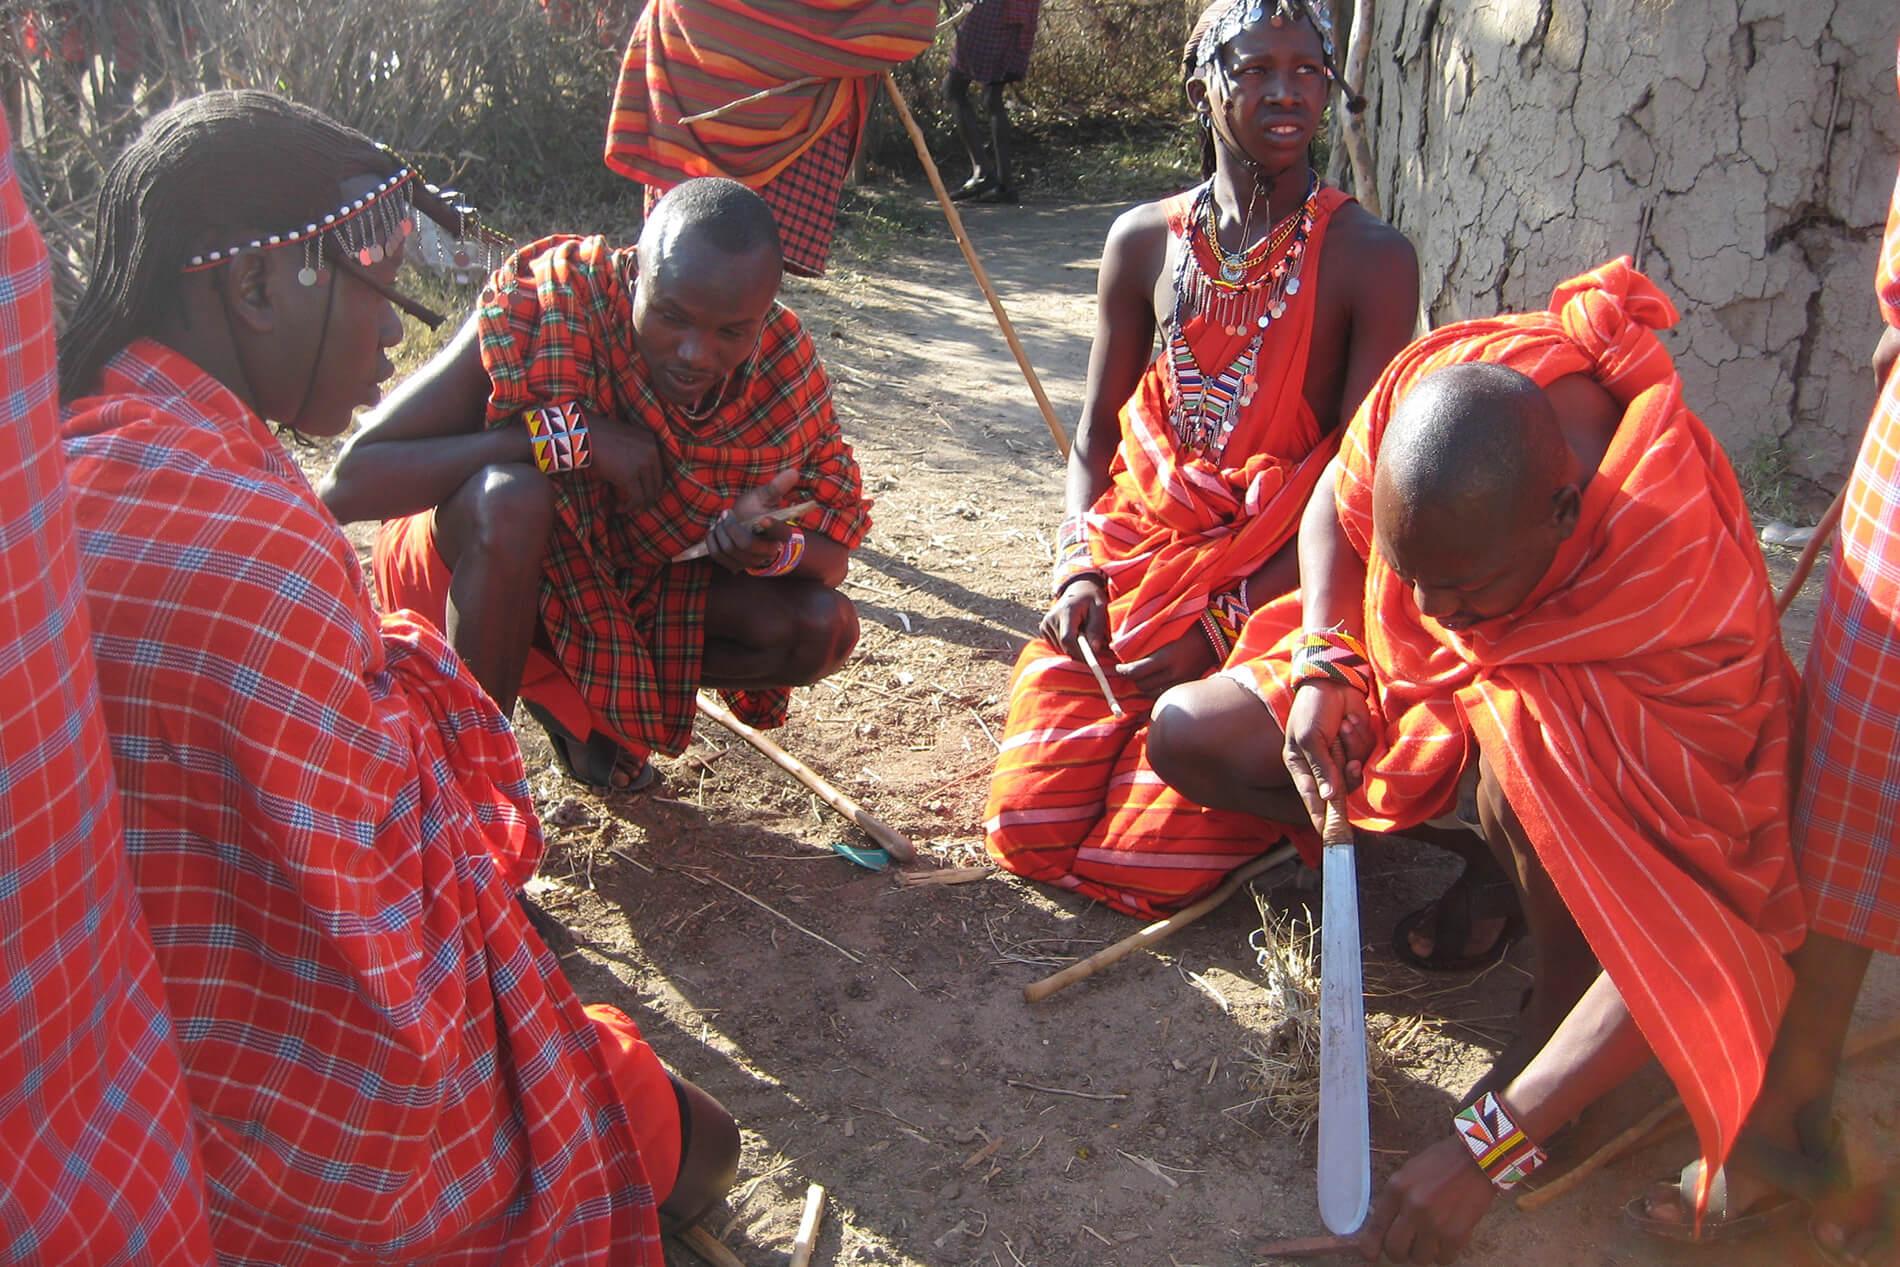 Islamic leaders in Kenya speak out against female genital mutilation